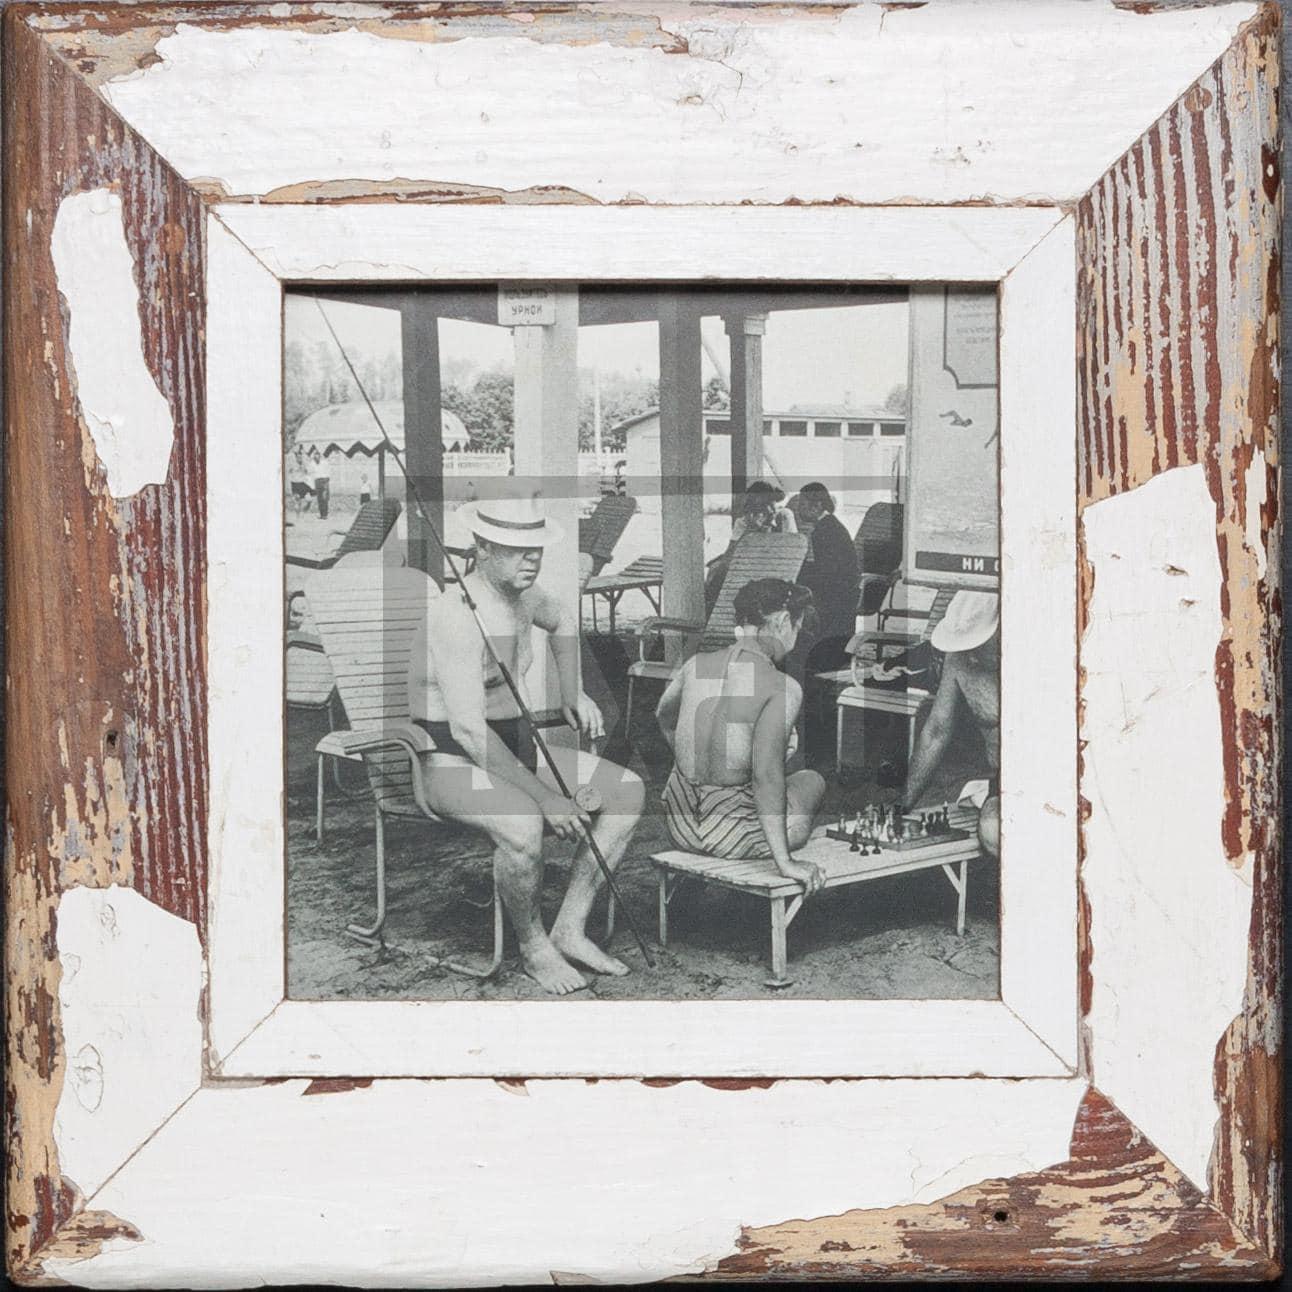 Quadratischer Vintage-Fotorahmen aus recyceltem Holz aus Kapstadt